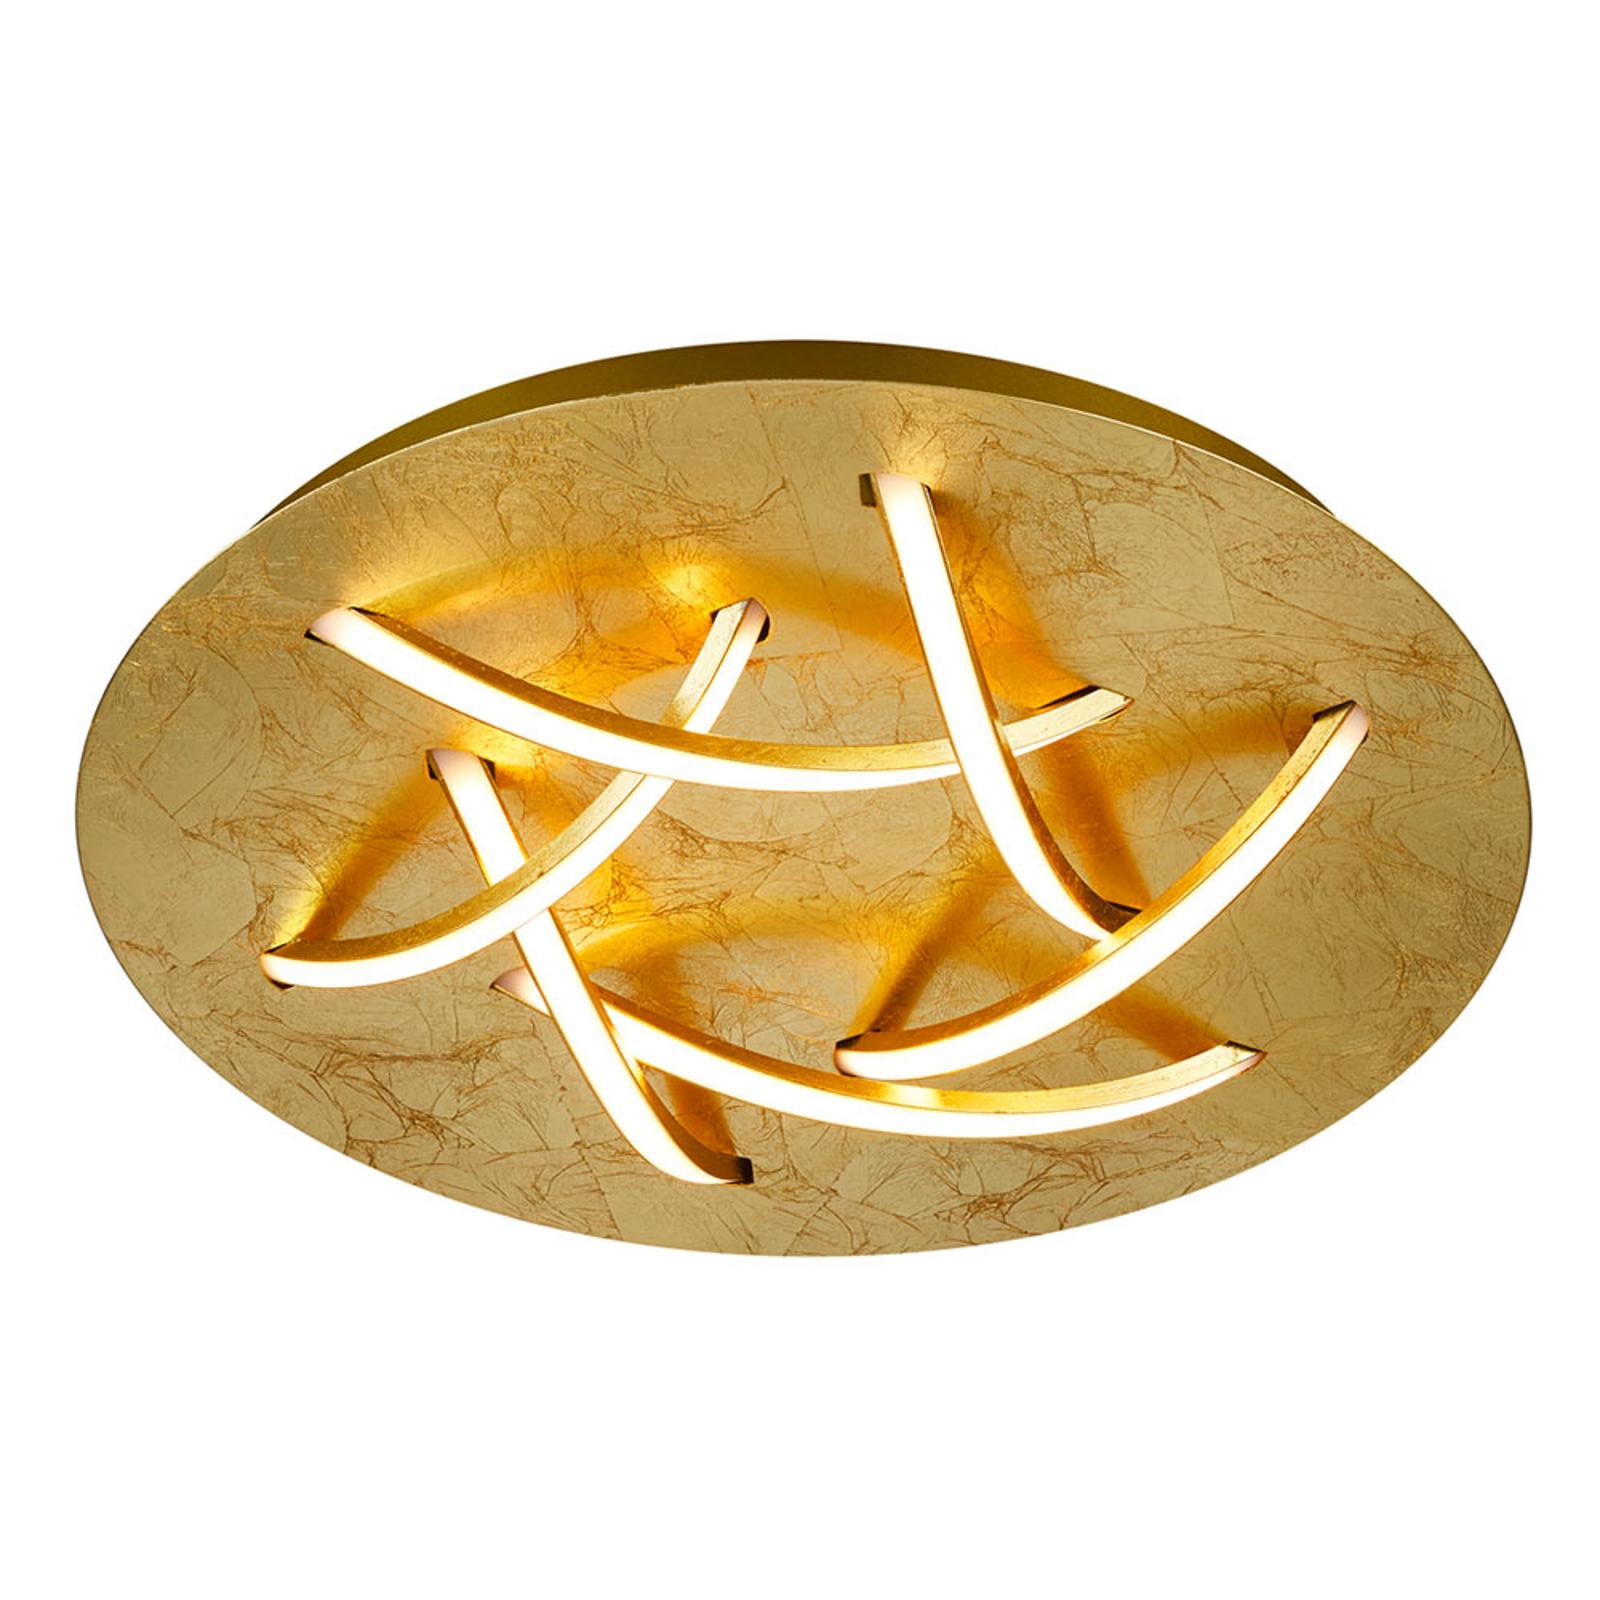 Lampa sufitowa LED Dolphin, złota, Ø 45 cm